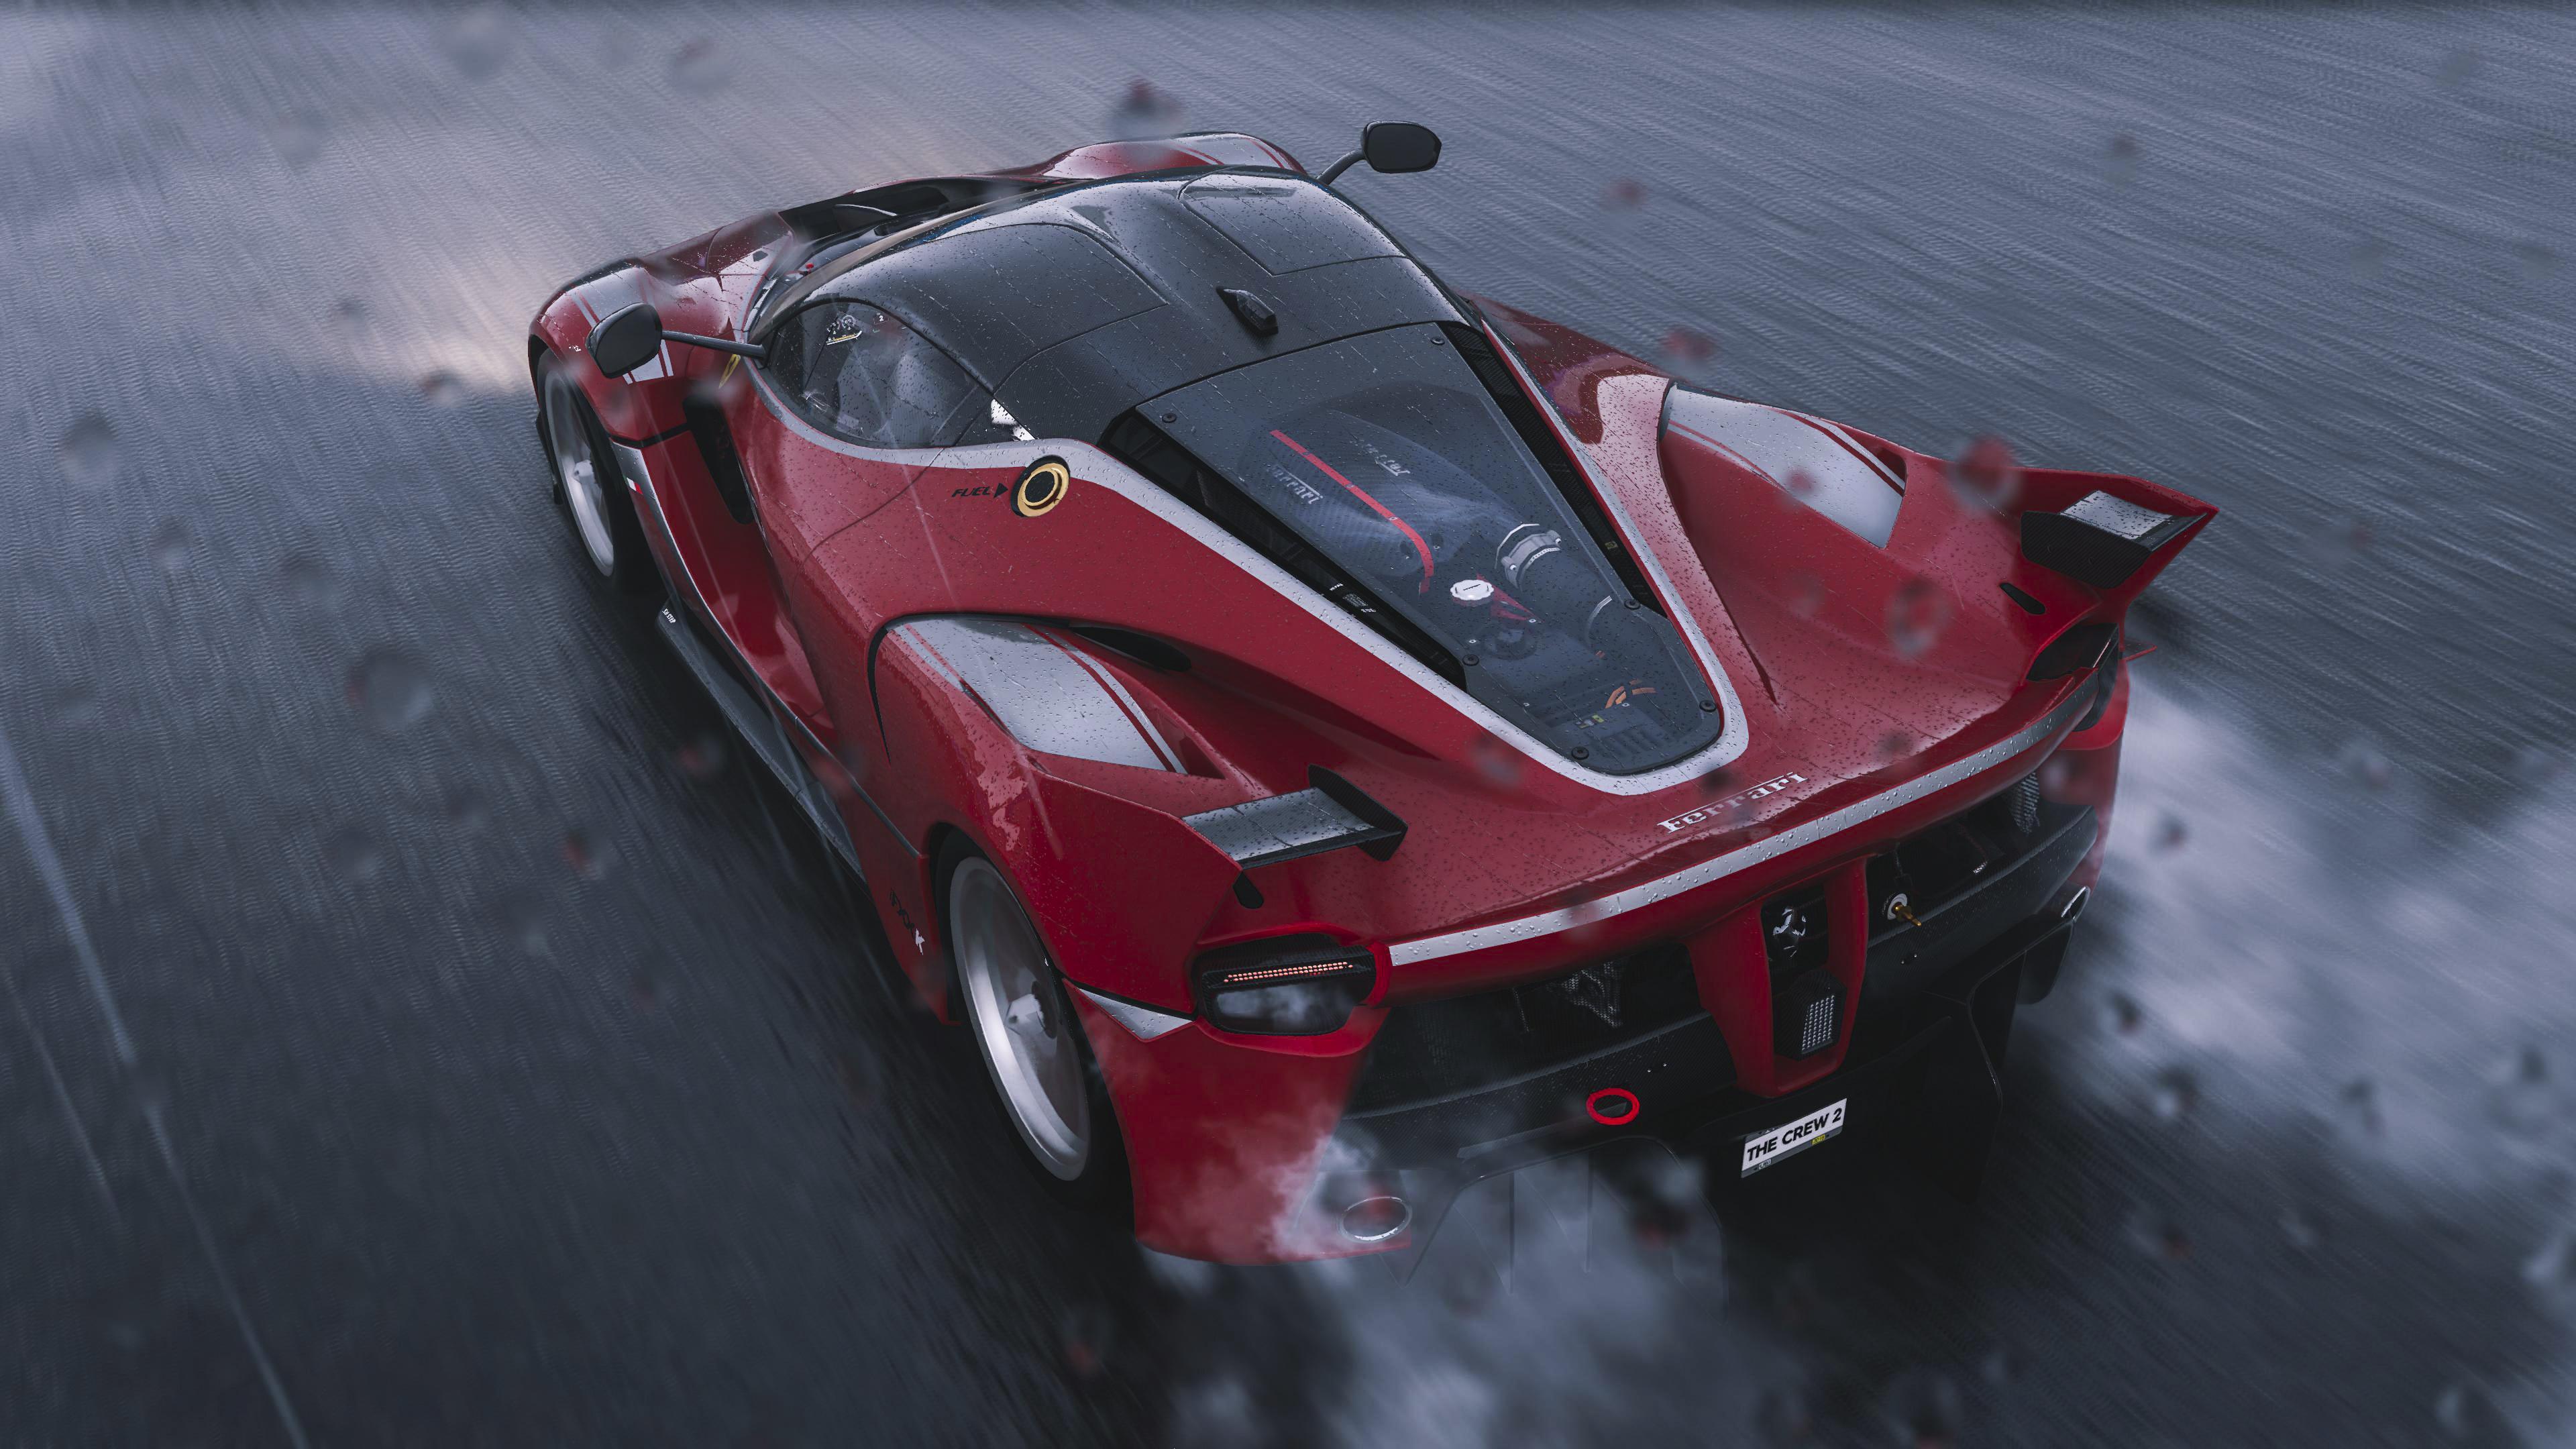 Wallpaper 4k Ferrari Fxx K 2019 4k 2019 Cars Wallpapers 4k